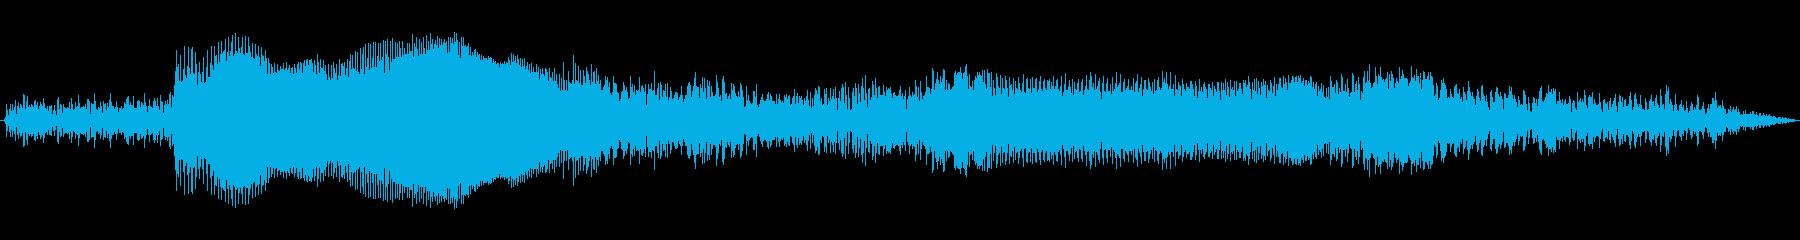 ビンテージ 車 シボレー57アクセ...の再生済みの波形